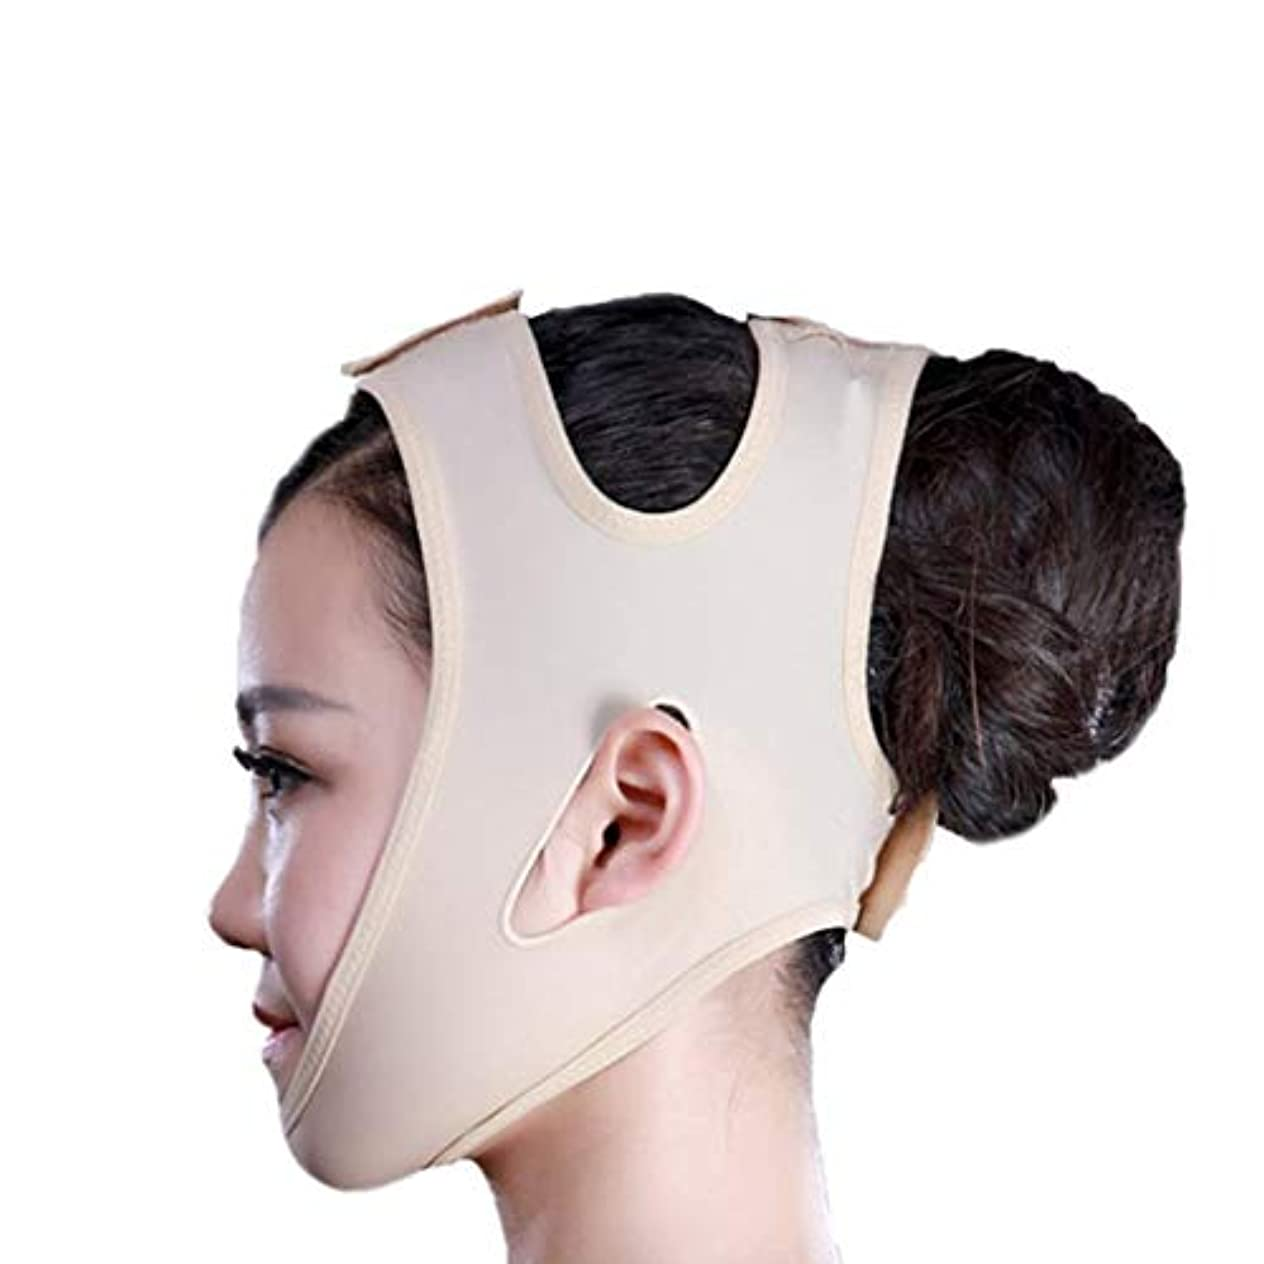 帝国散歩に行く能力フェイススリミングマスク、快適さと通気性、フェイシャルリフティング、輪郭の改善された硬さ、ファーミングとリフティングフェイス(カラー:ブラック、サイズ:XL),黄色がかったピンク、M